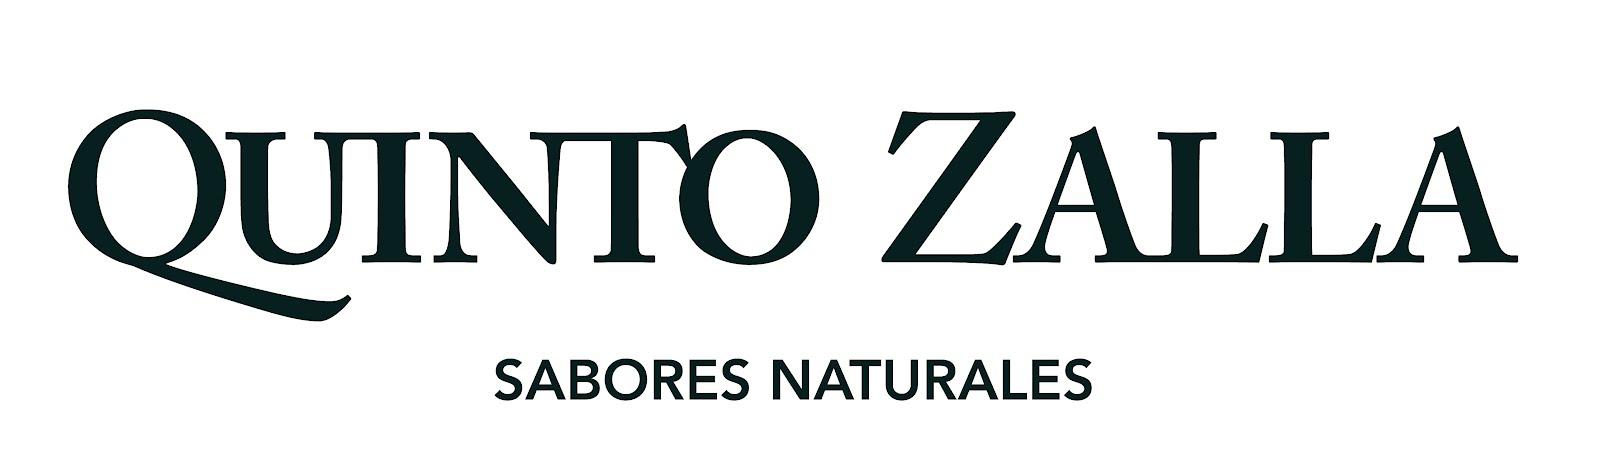 Quinto Zalla Blog